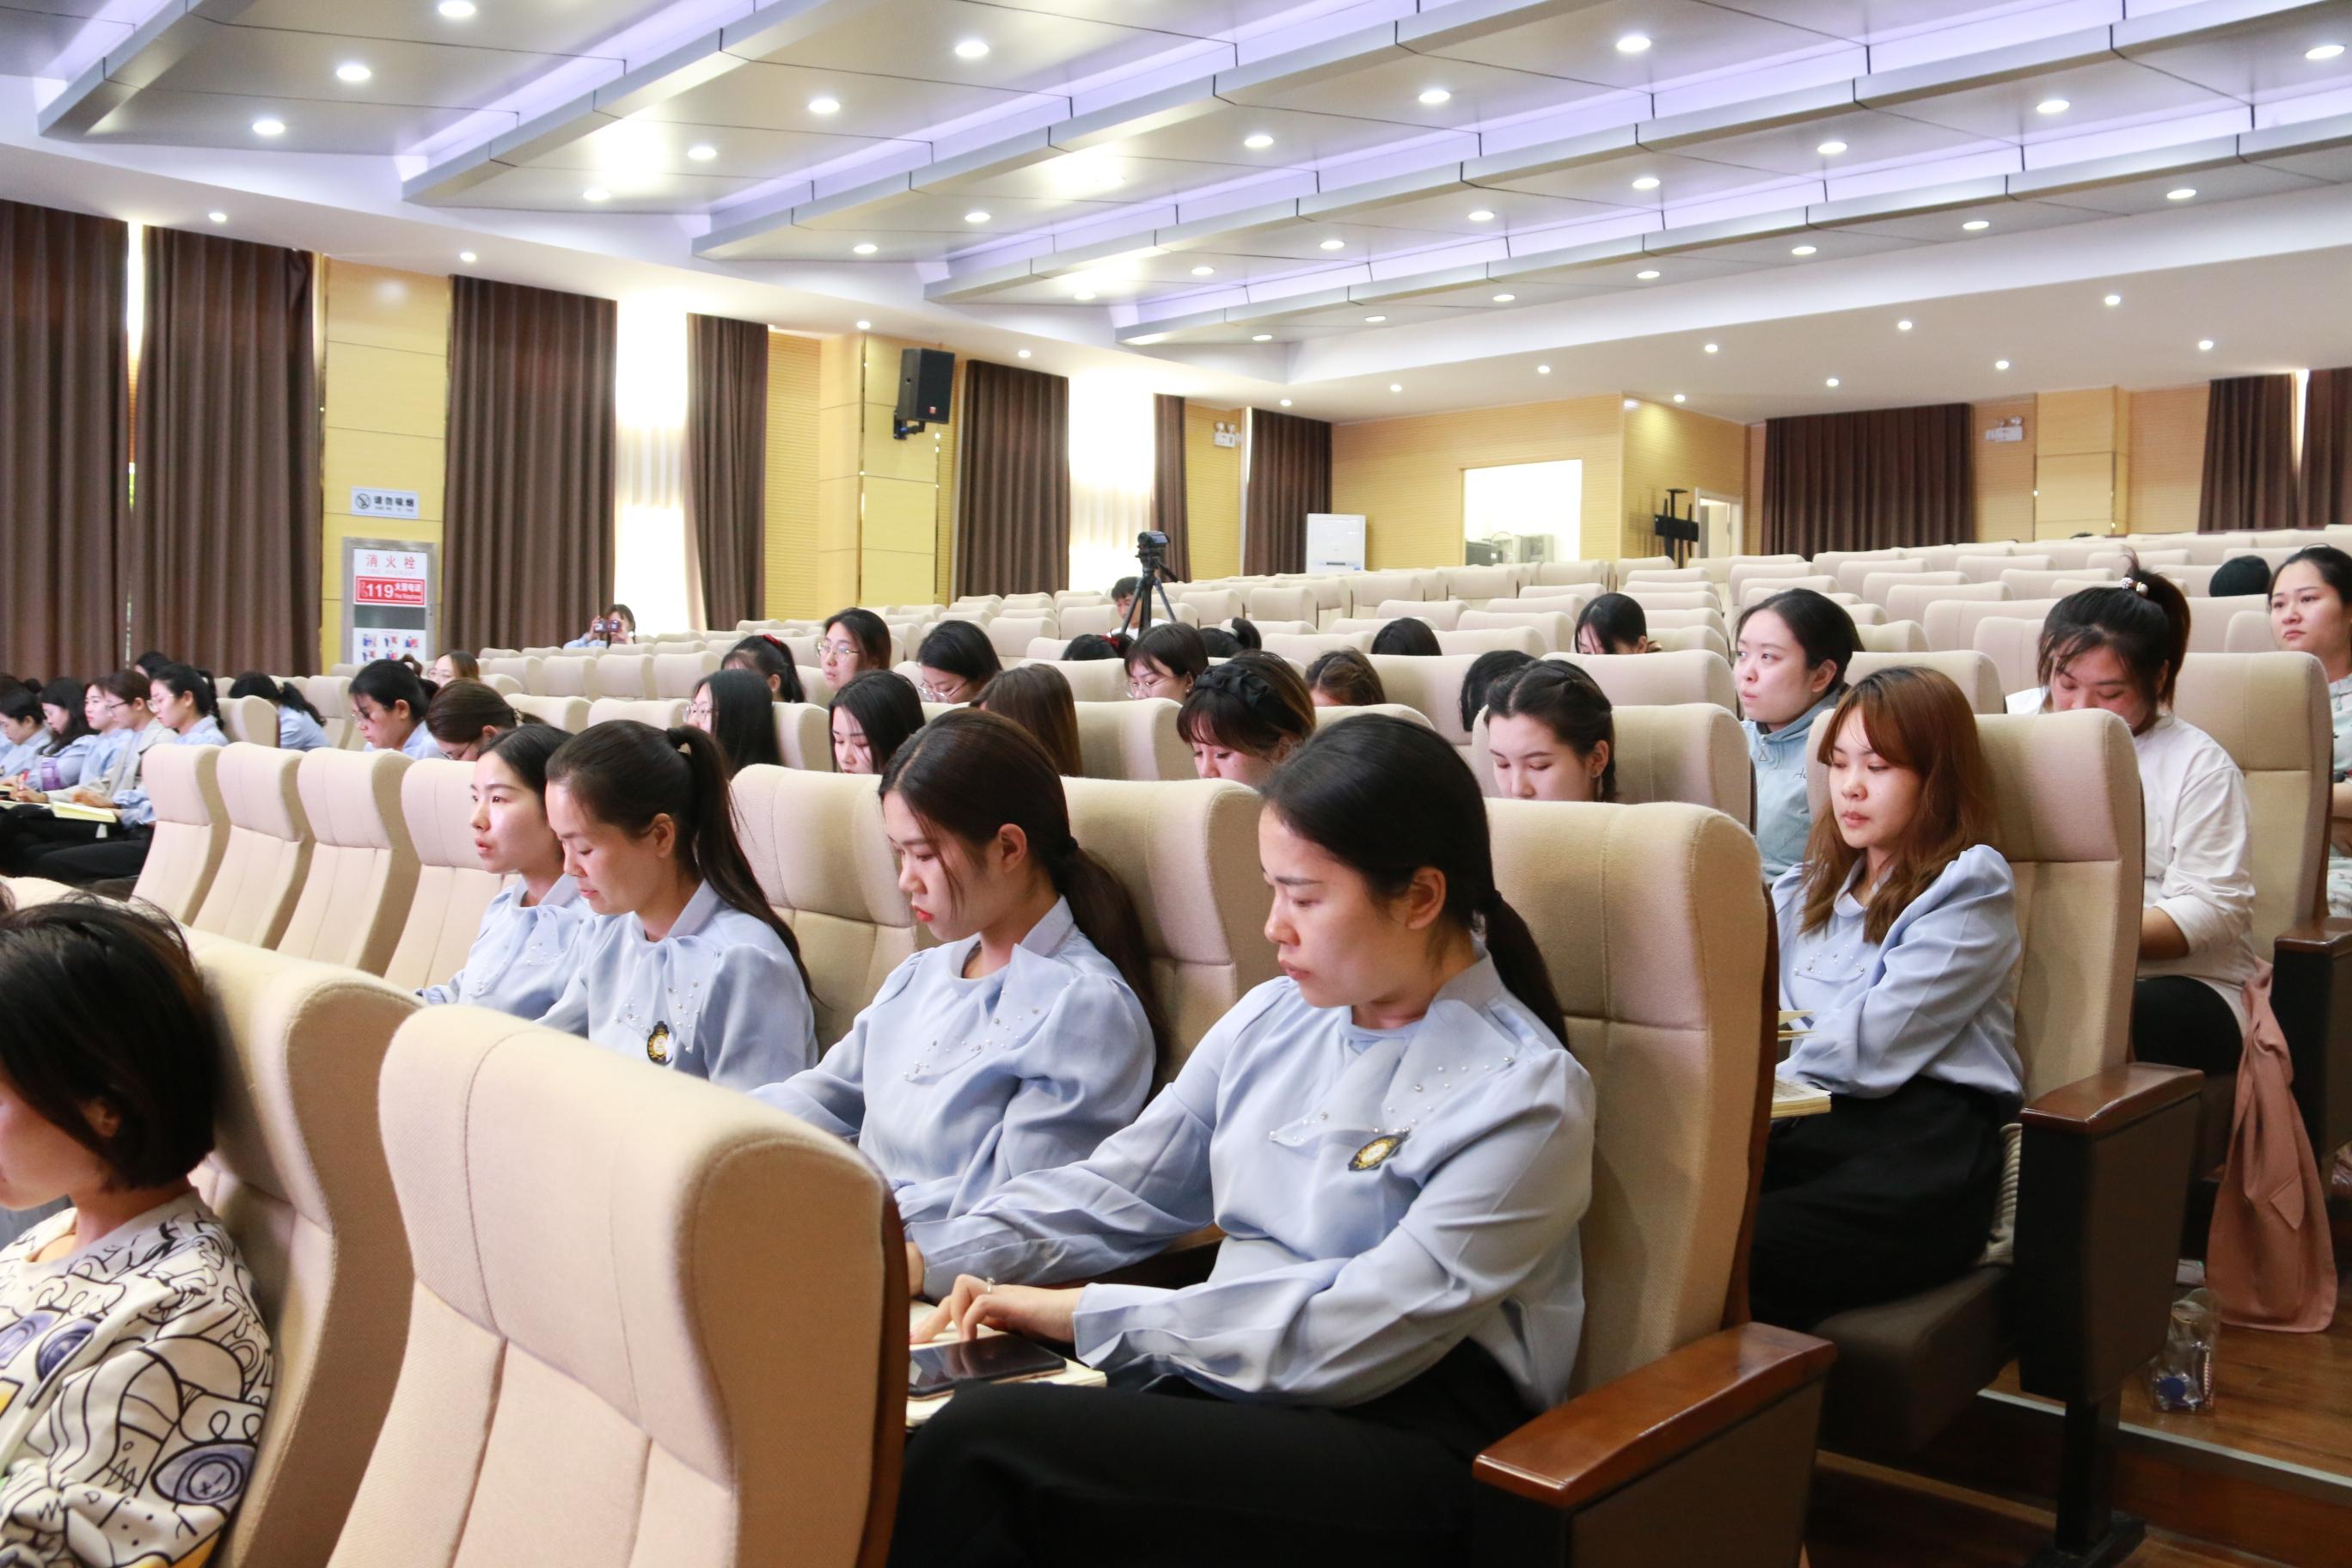 郑州市中原区阳光小学举办教师专业成长培训讲座